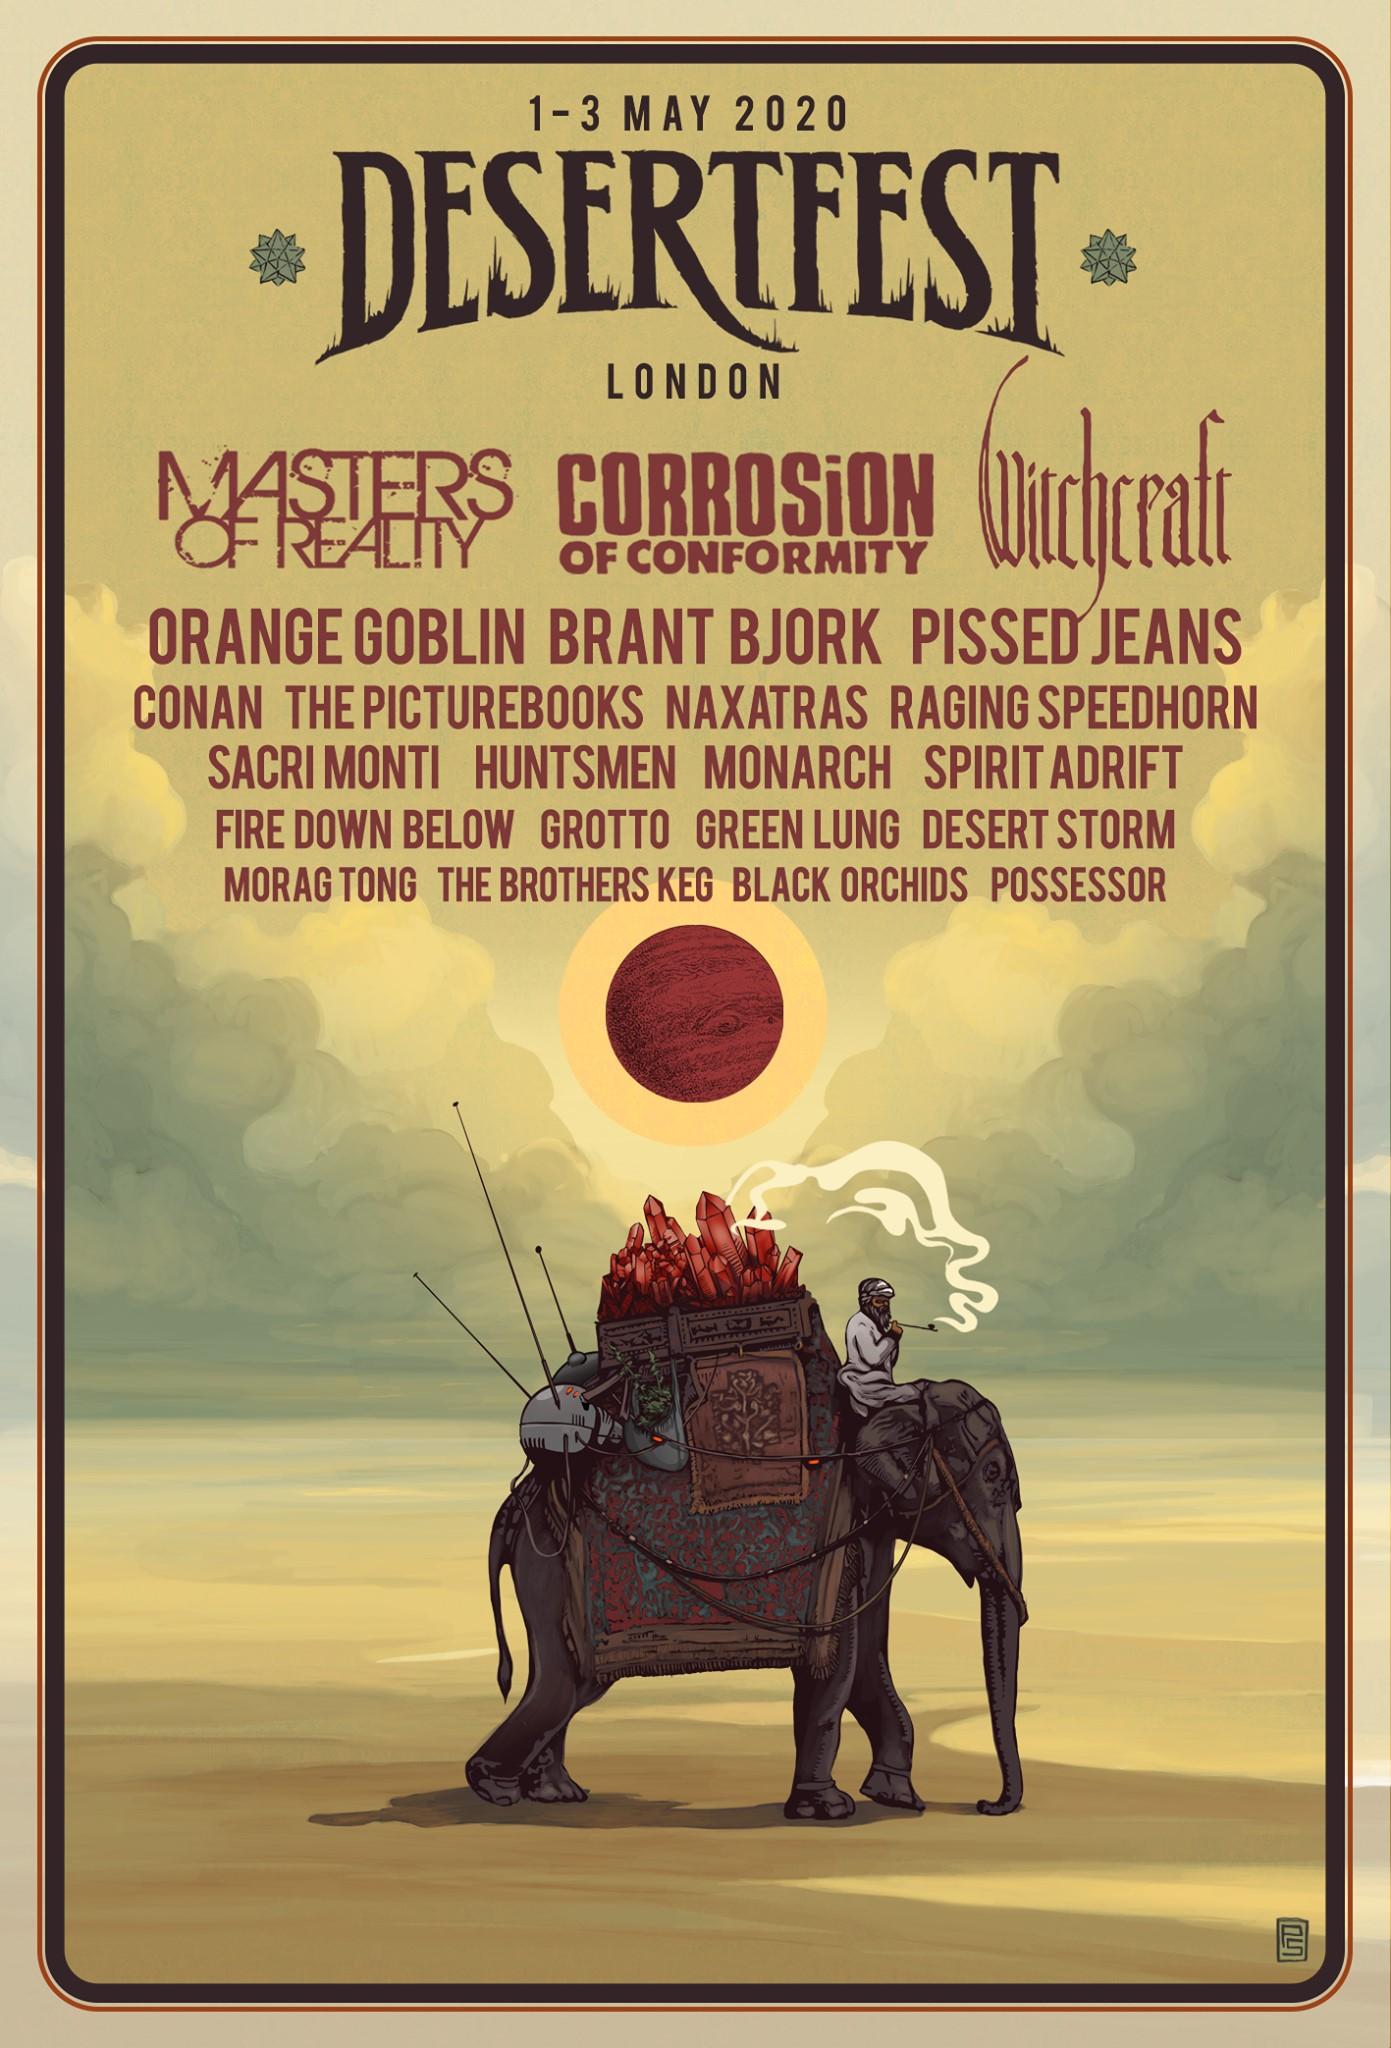 desertfest london 2020 poster